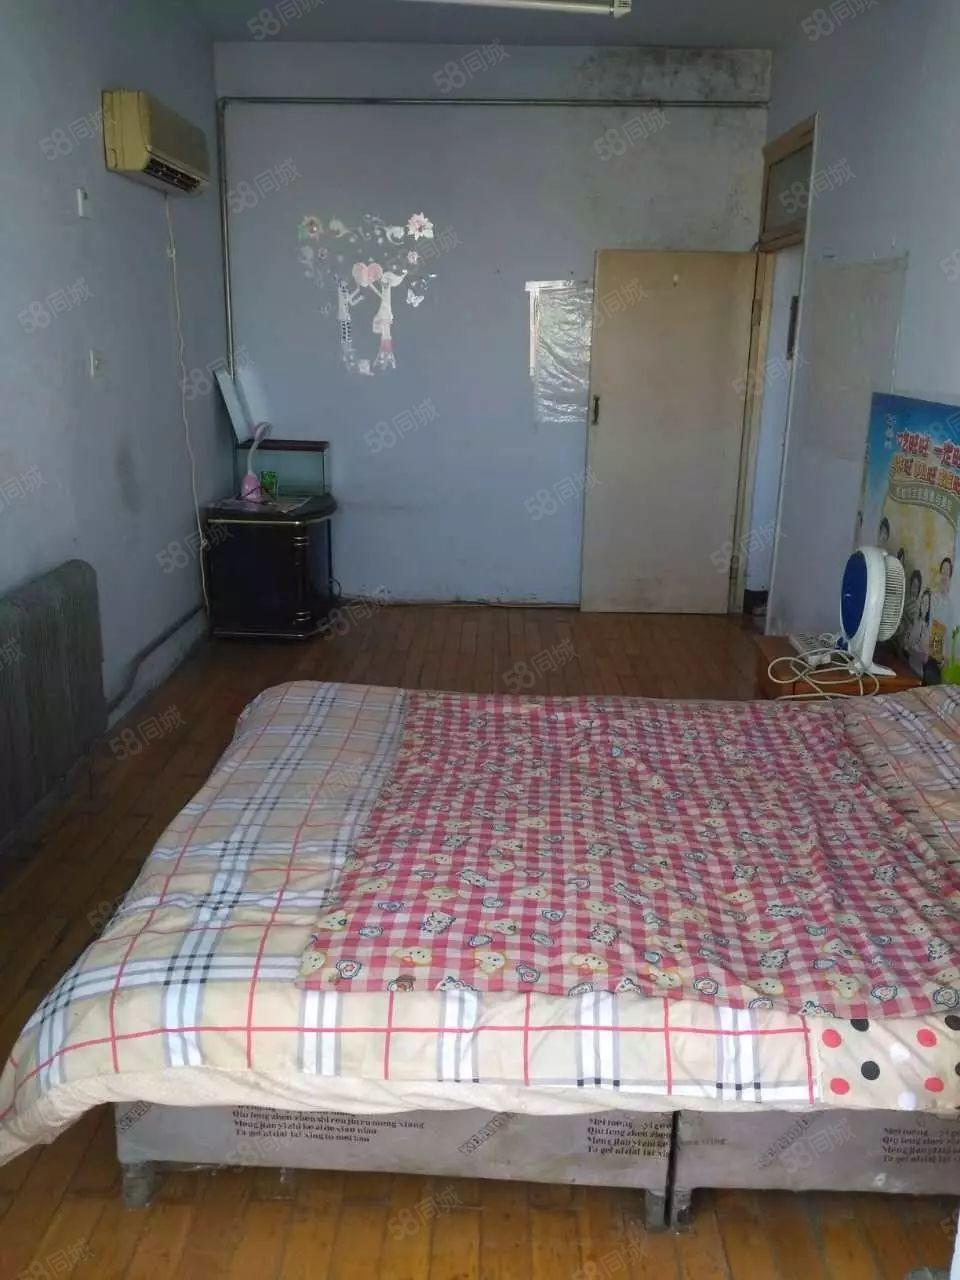 出租乐购后身一室一厅400每月干净